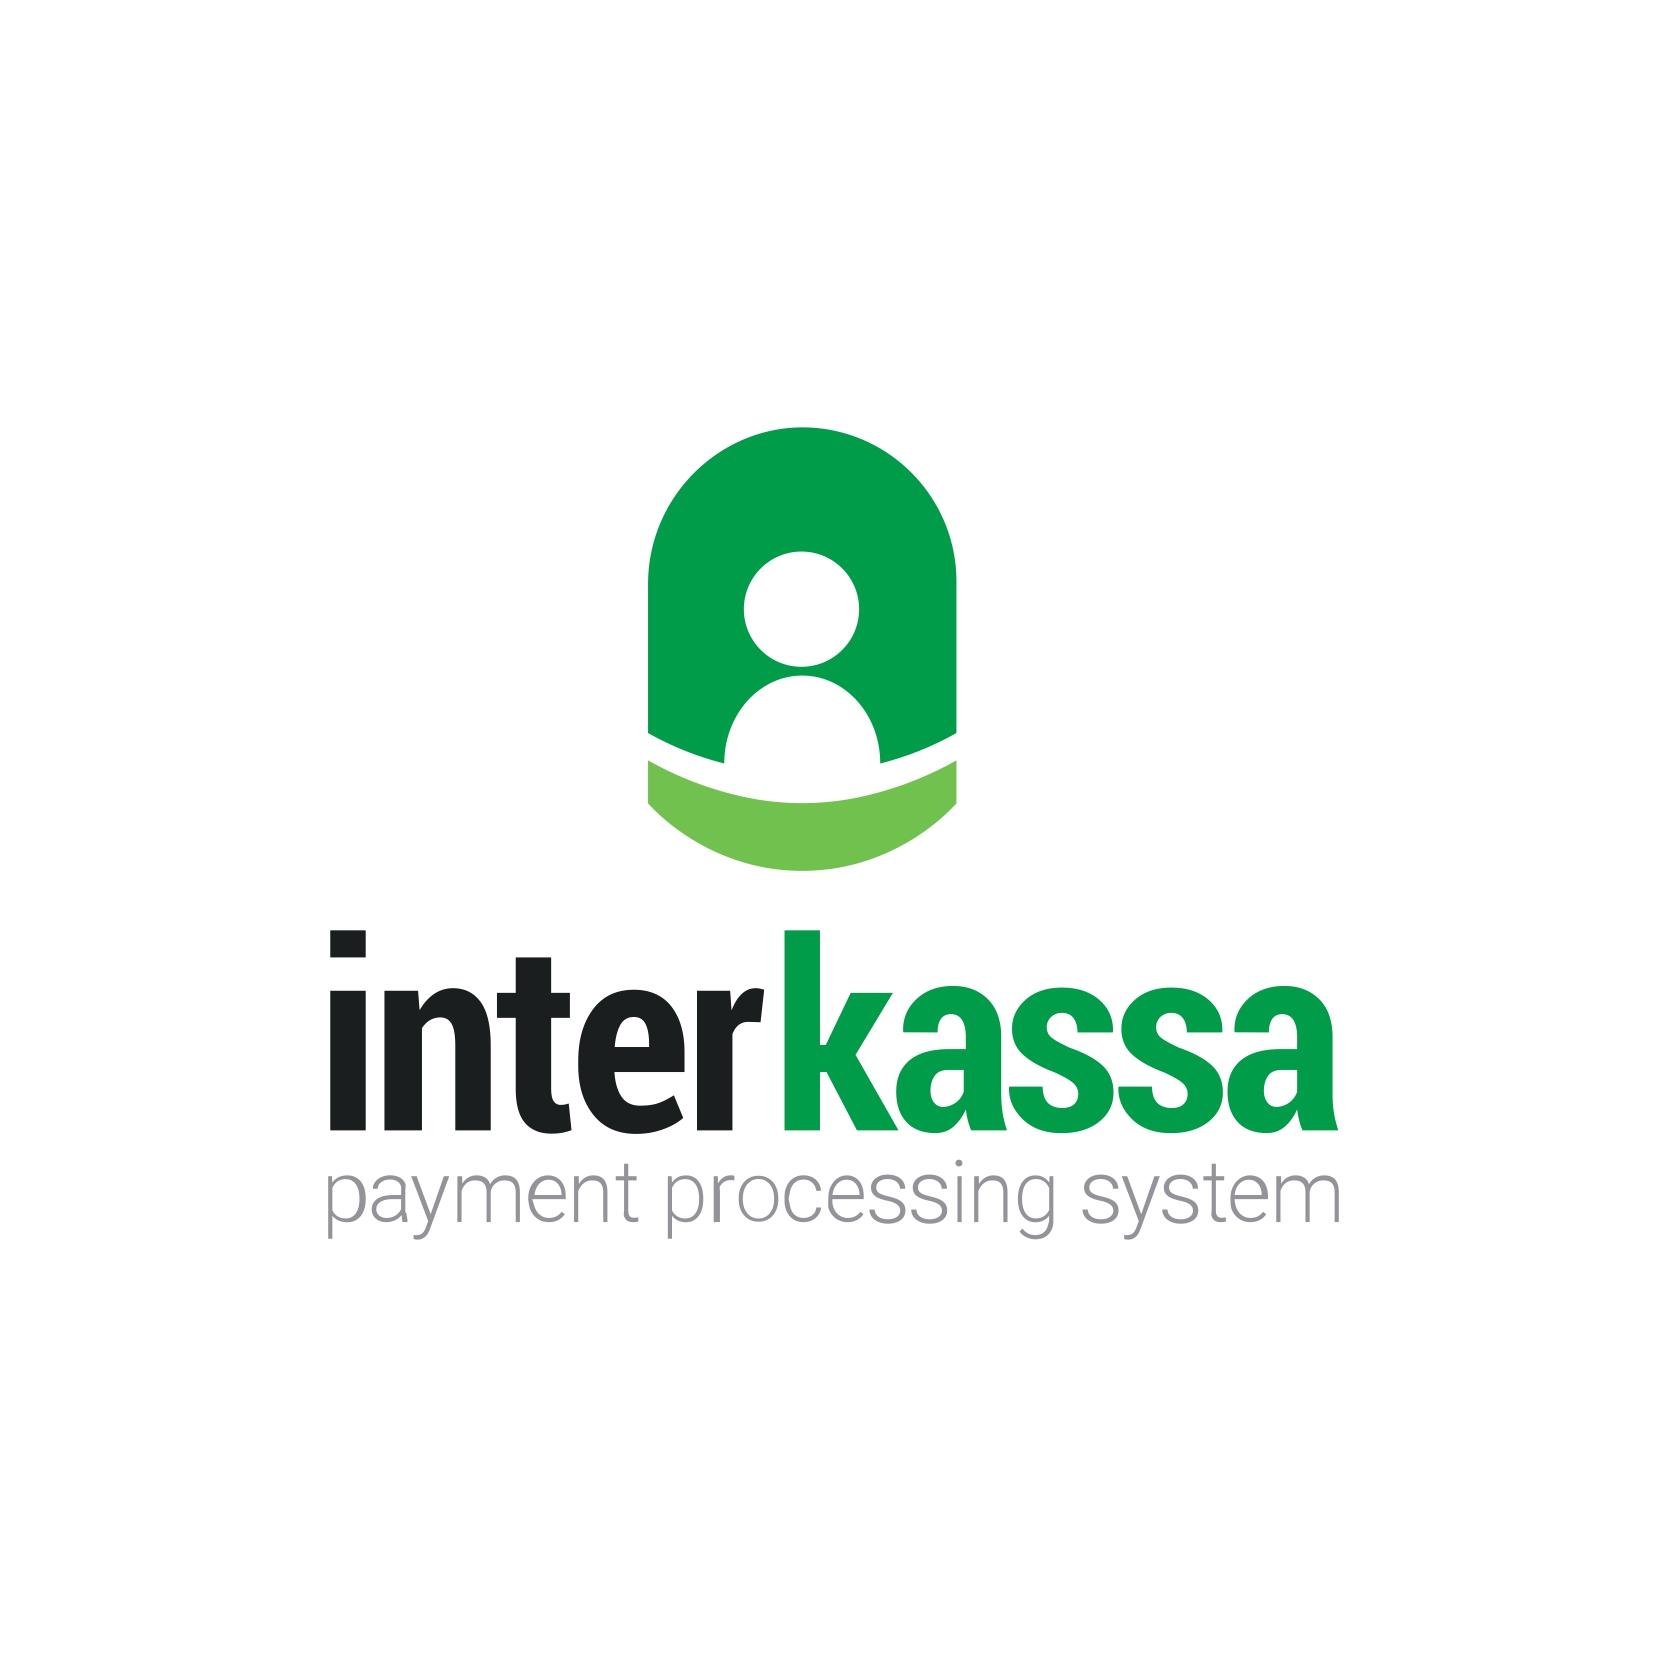 Interkassa долучилась до інформаційної кампанії Нацбанку з протидії платіжному шахрайству